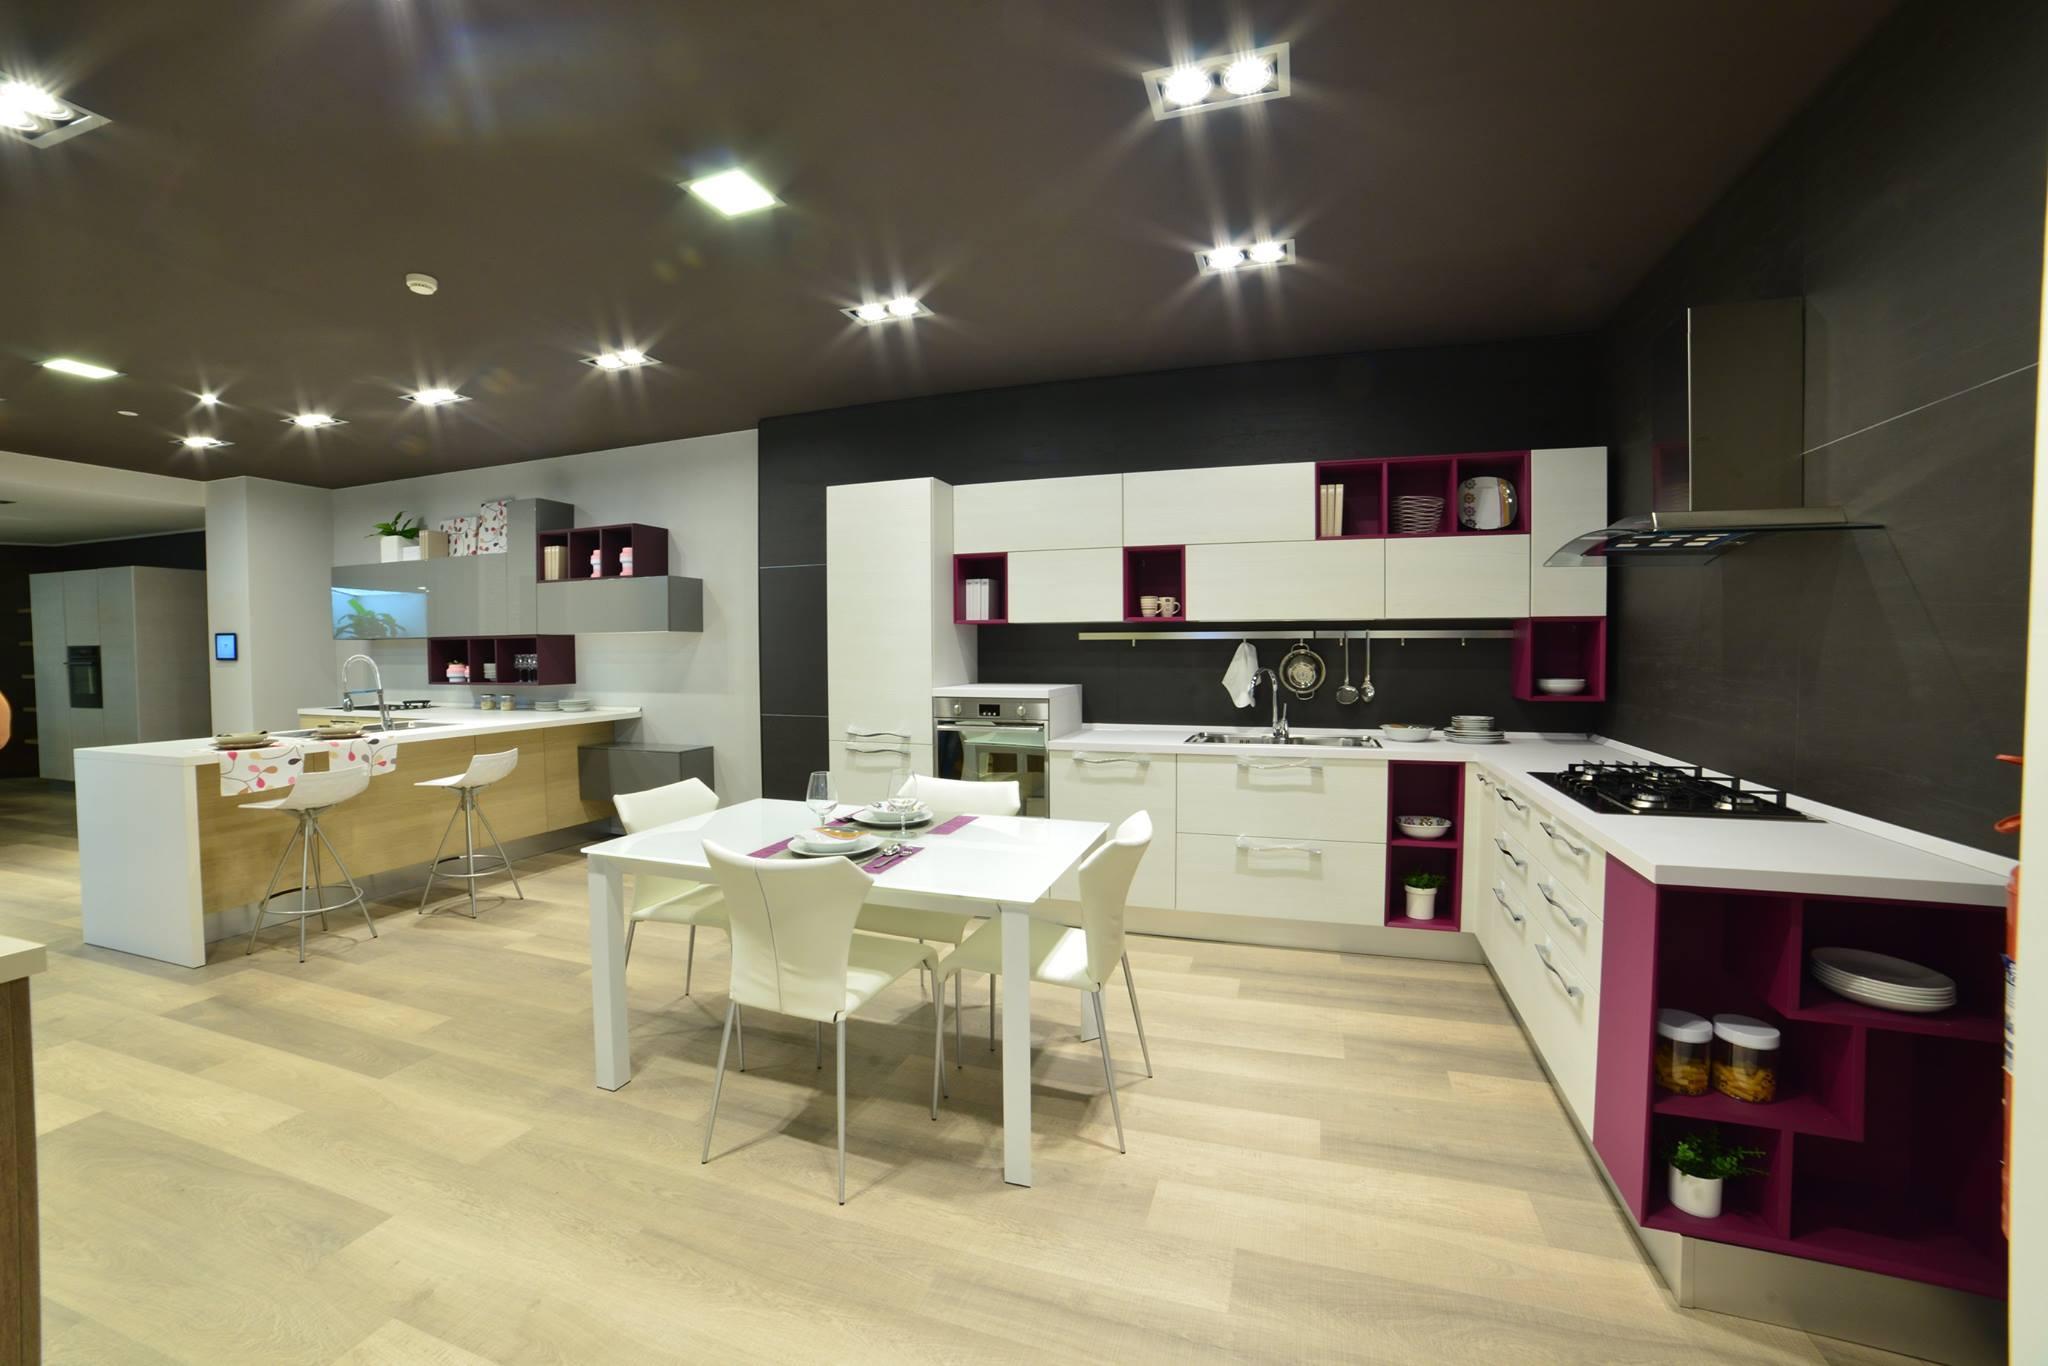 Centro cucine lube store mastrovito francesco - Deco mobili store ...